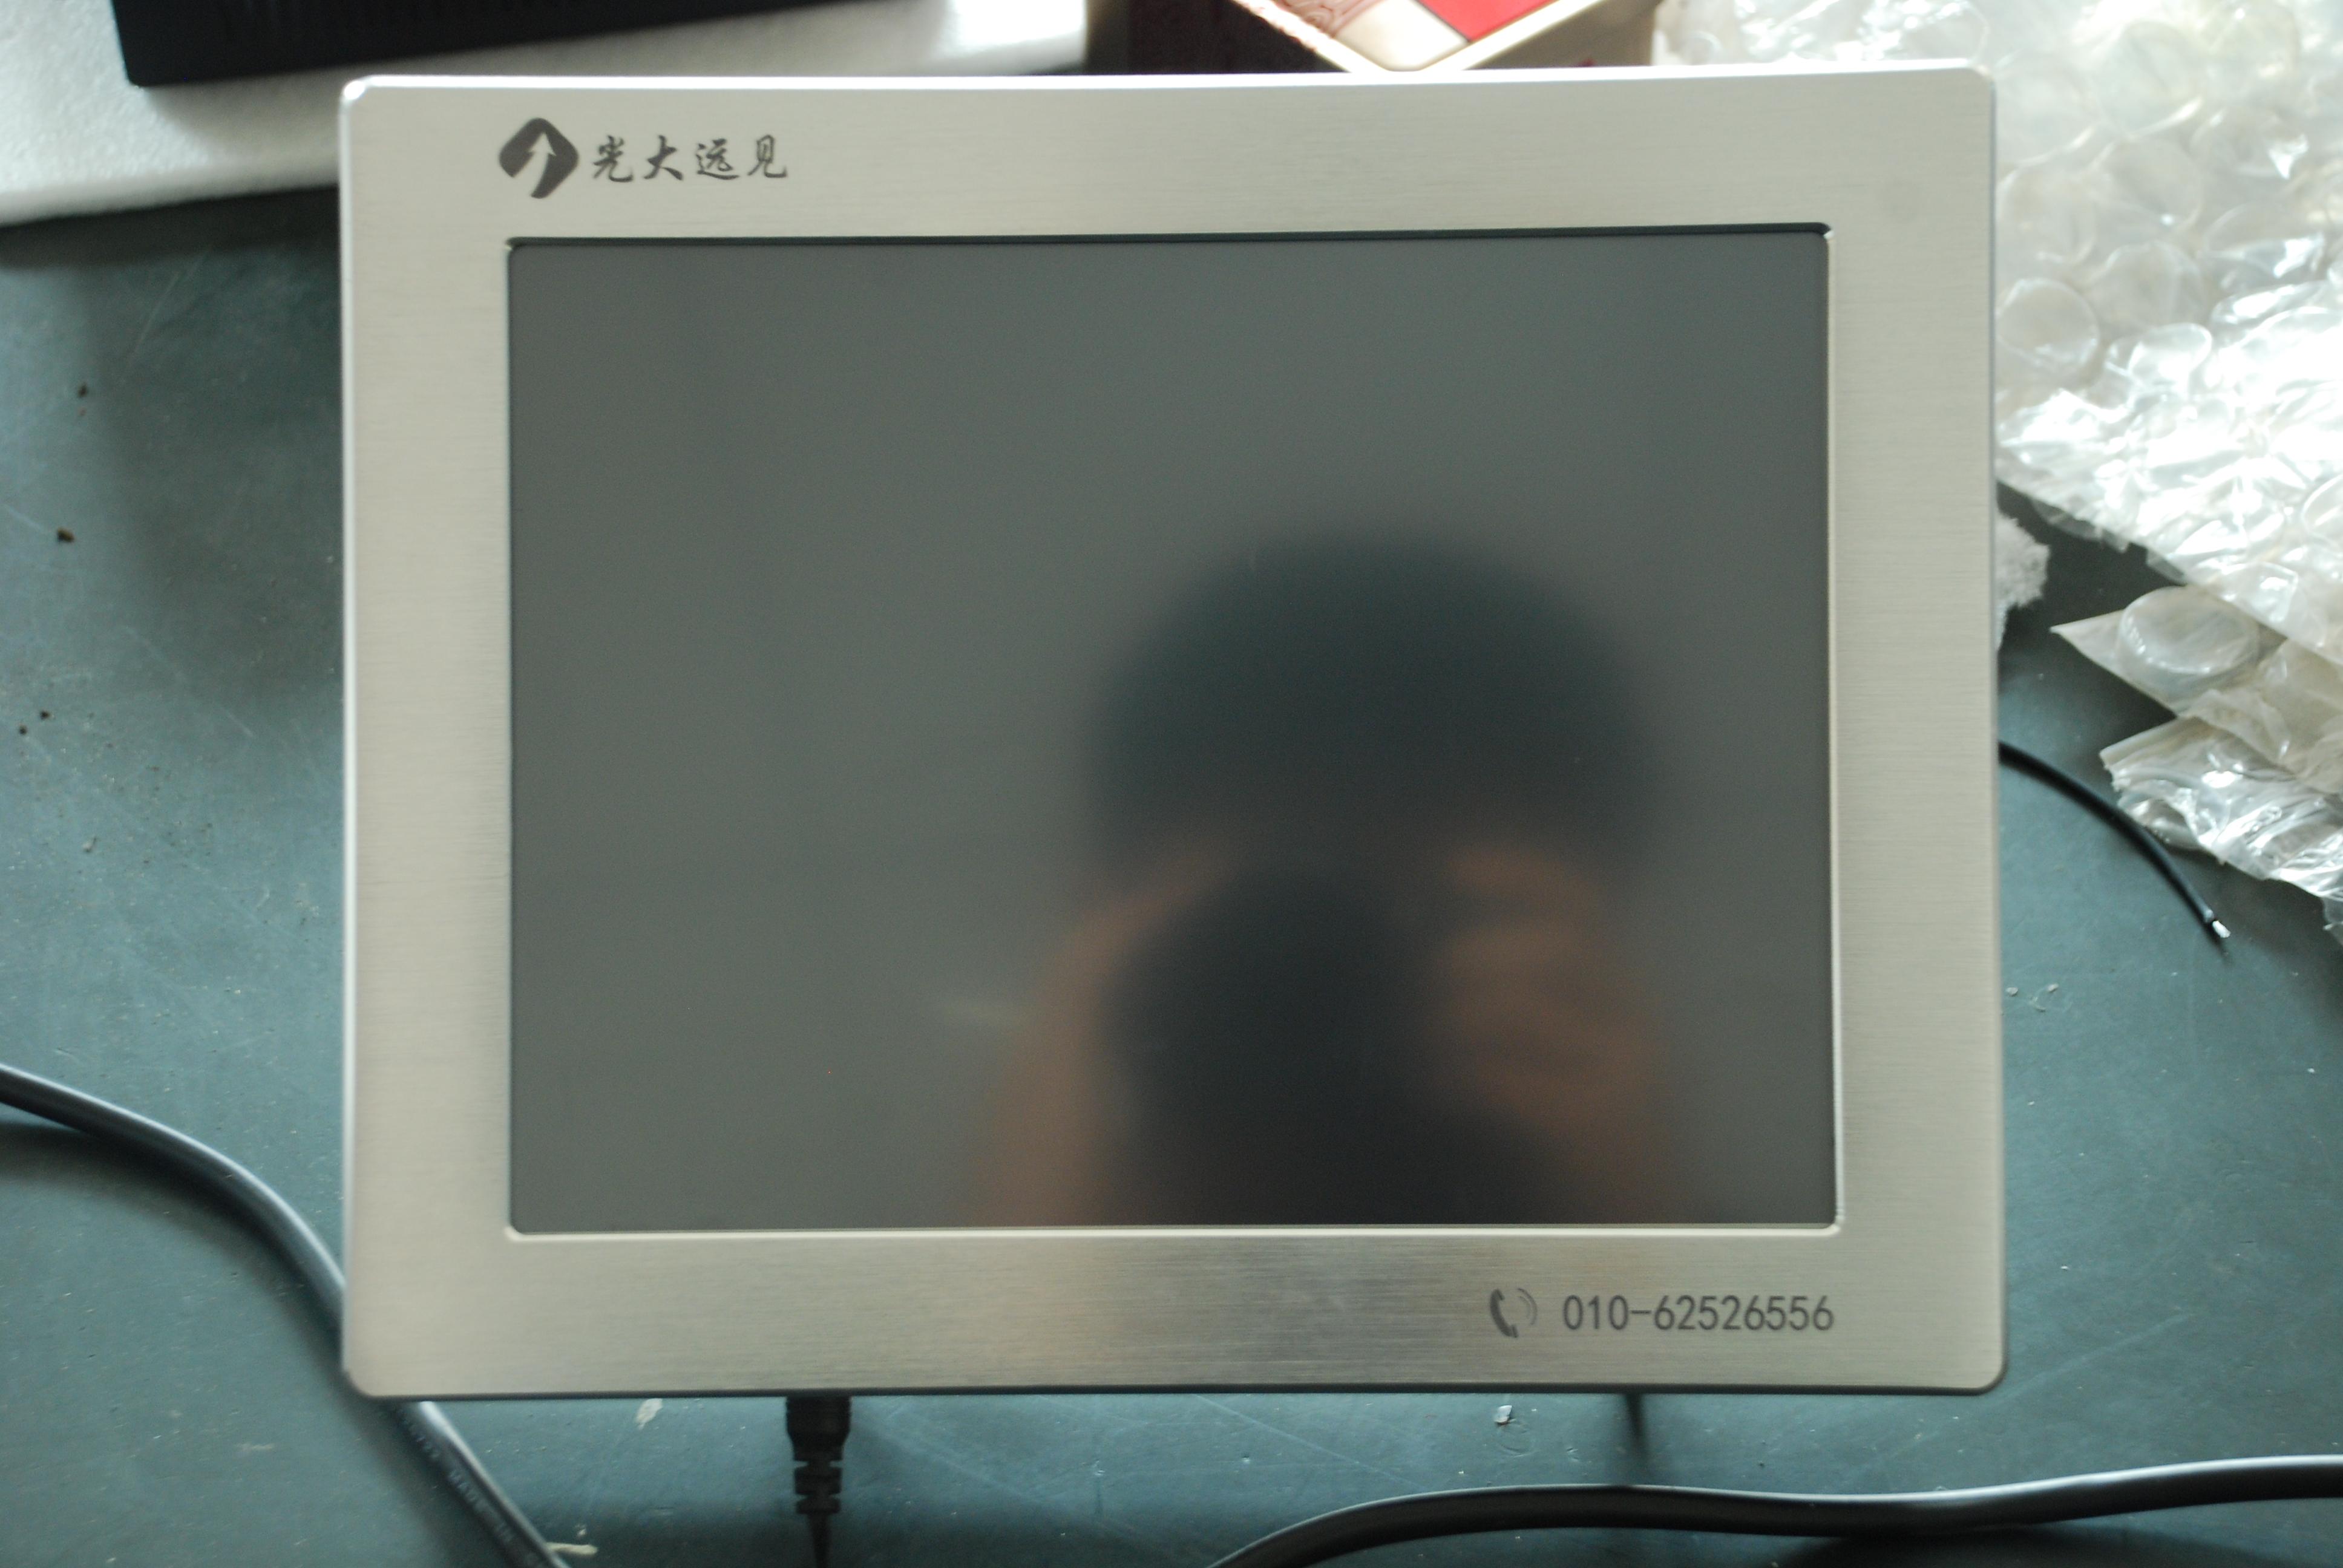 7寸工业级显示器图片/7寸工业级显示器样板图 (1)